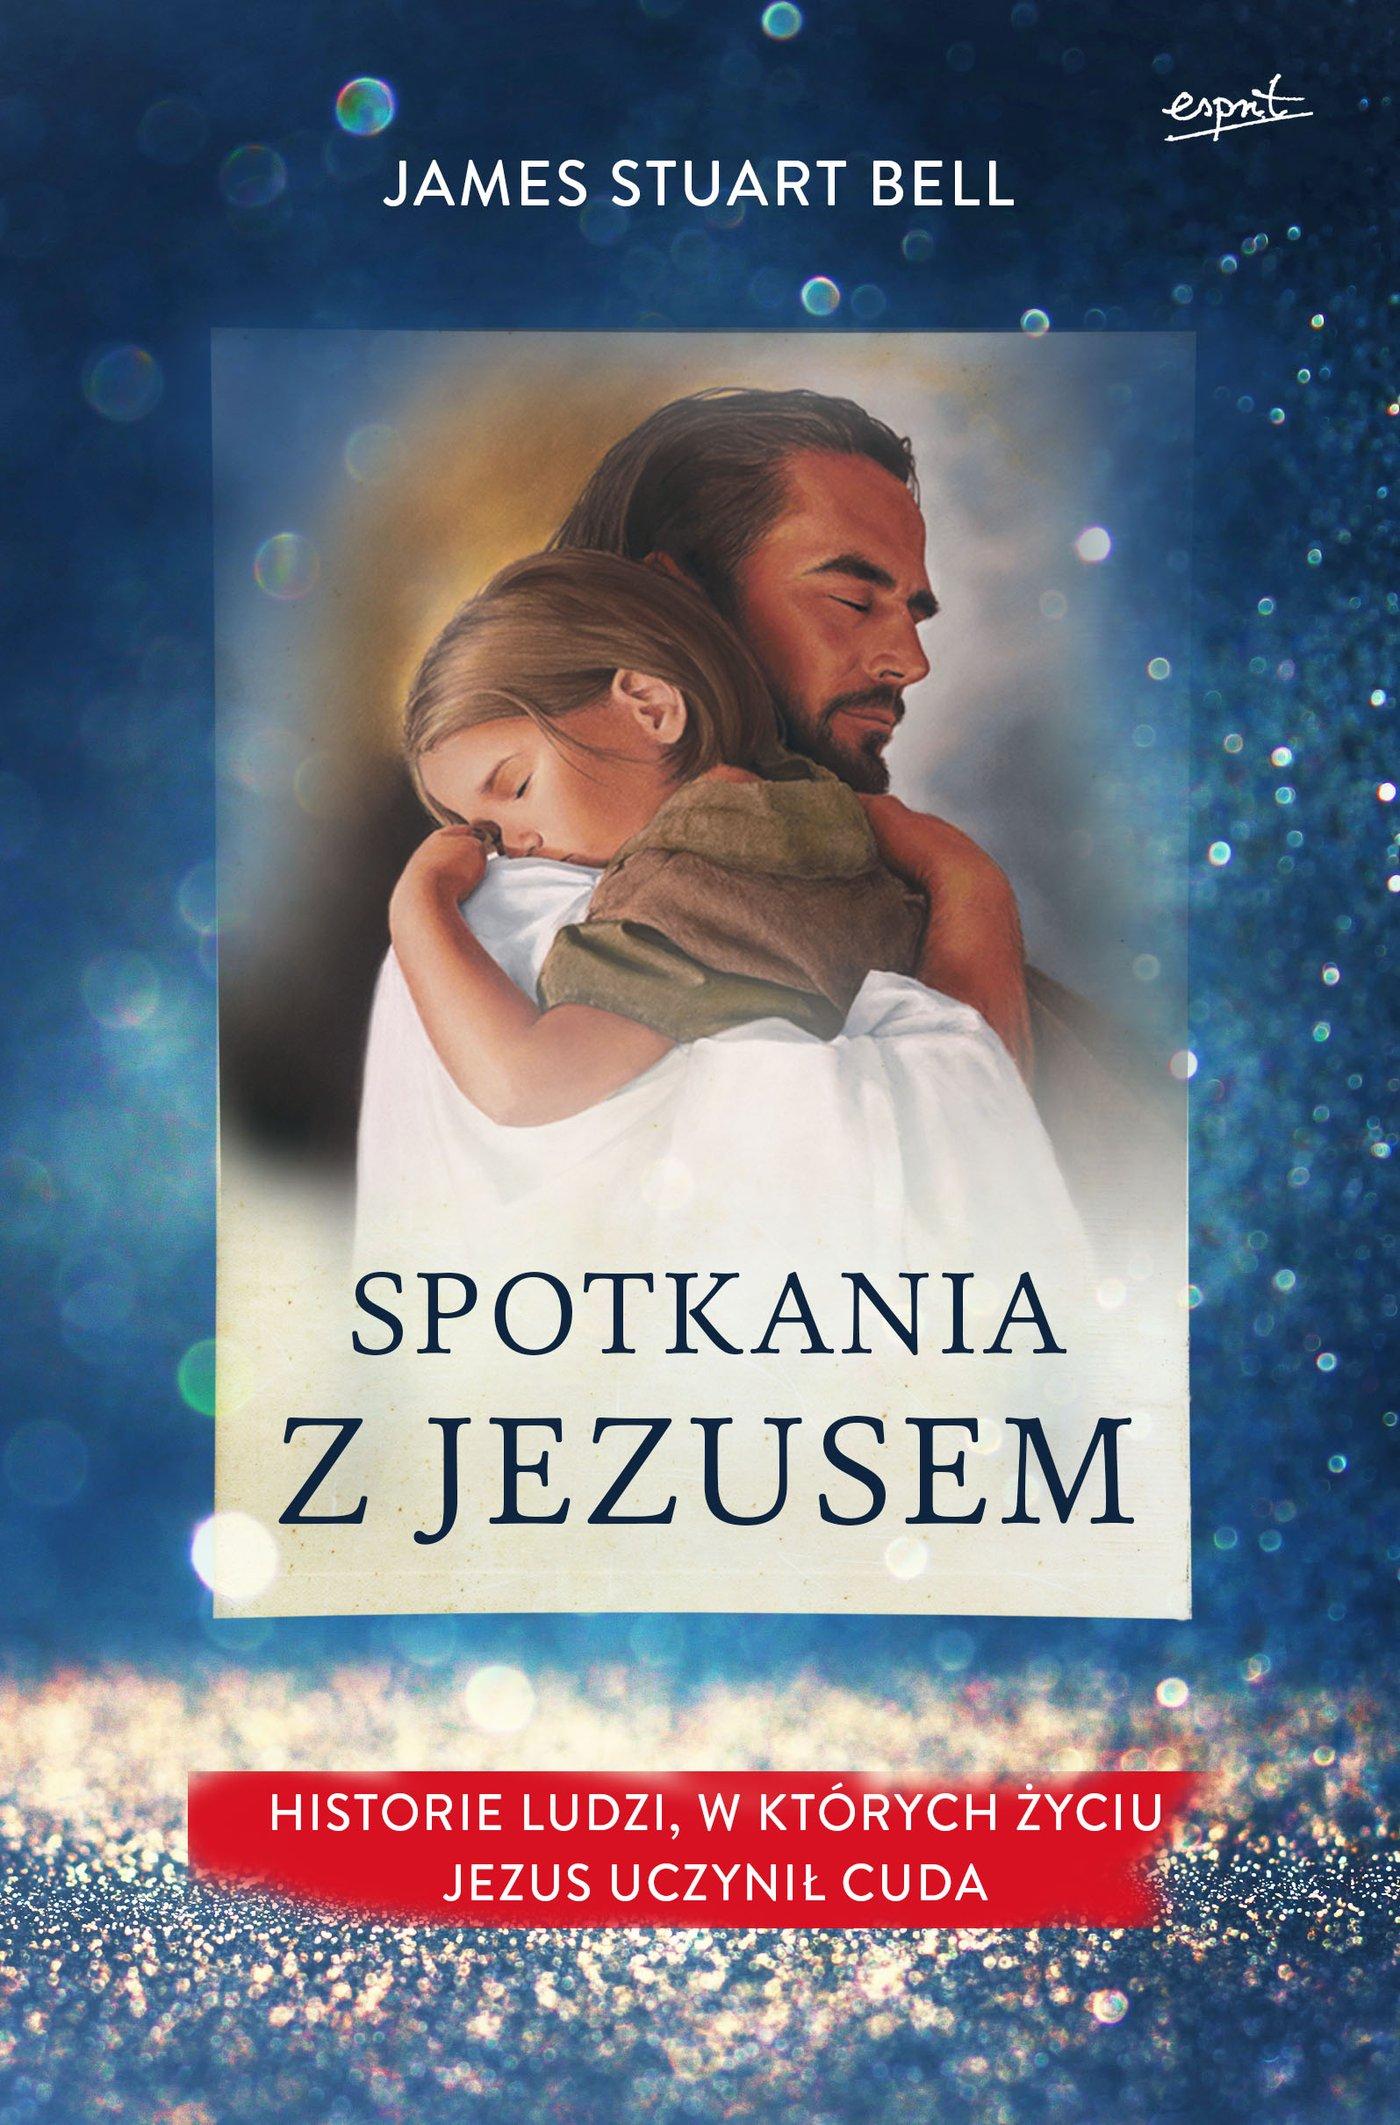 Spotkania z Jezusem - Ebook (Książka na Kindle) do pobrania w formacie MOBI